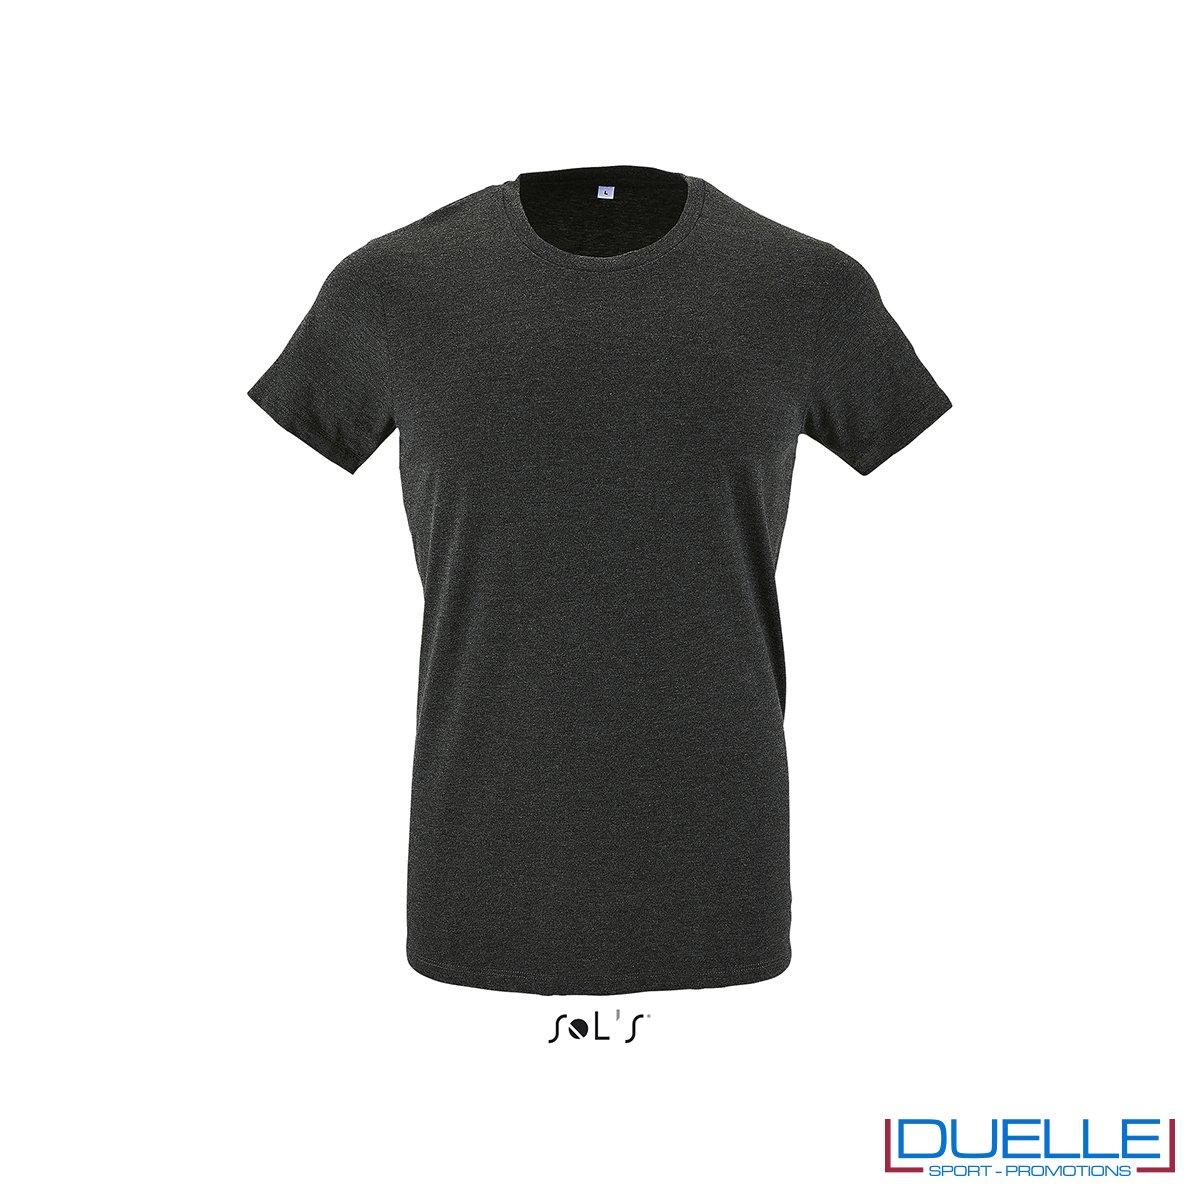 Tshirt girocollo personalizzata slim-fit colore antracite melange